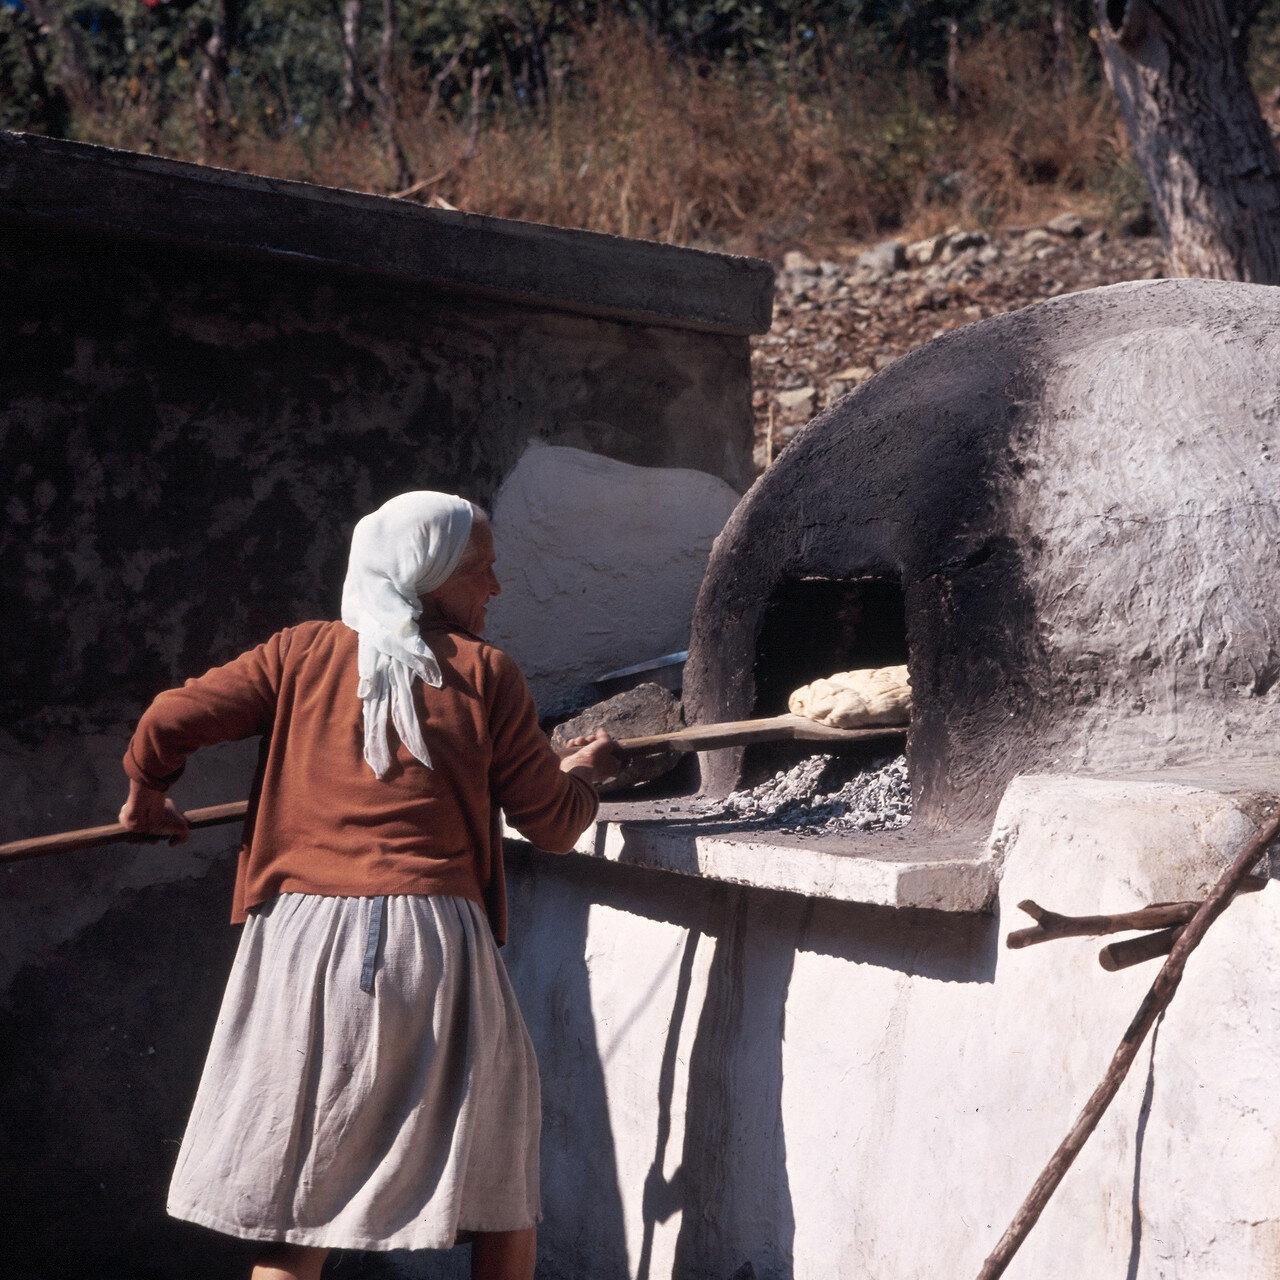 1972. Самофракия. Выпечка хлеба в деревне Профитис Илиас